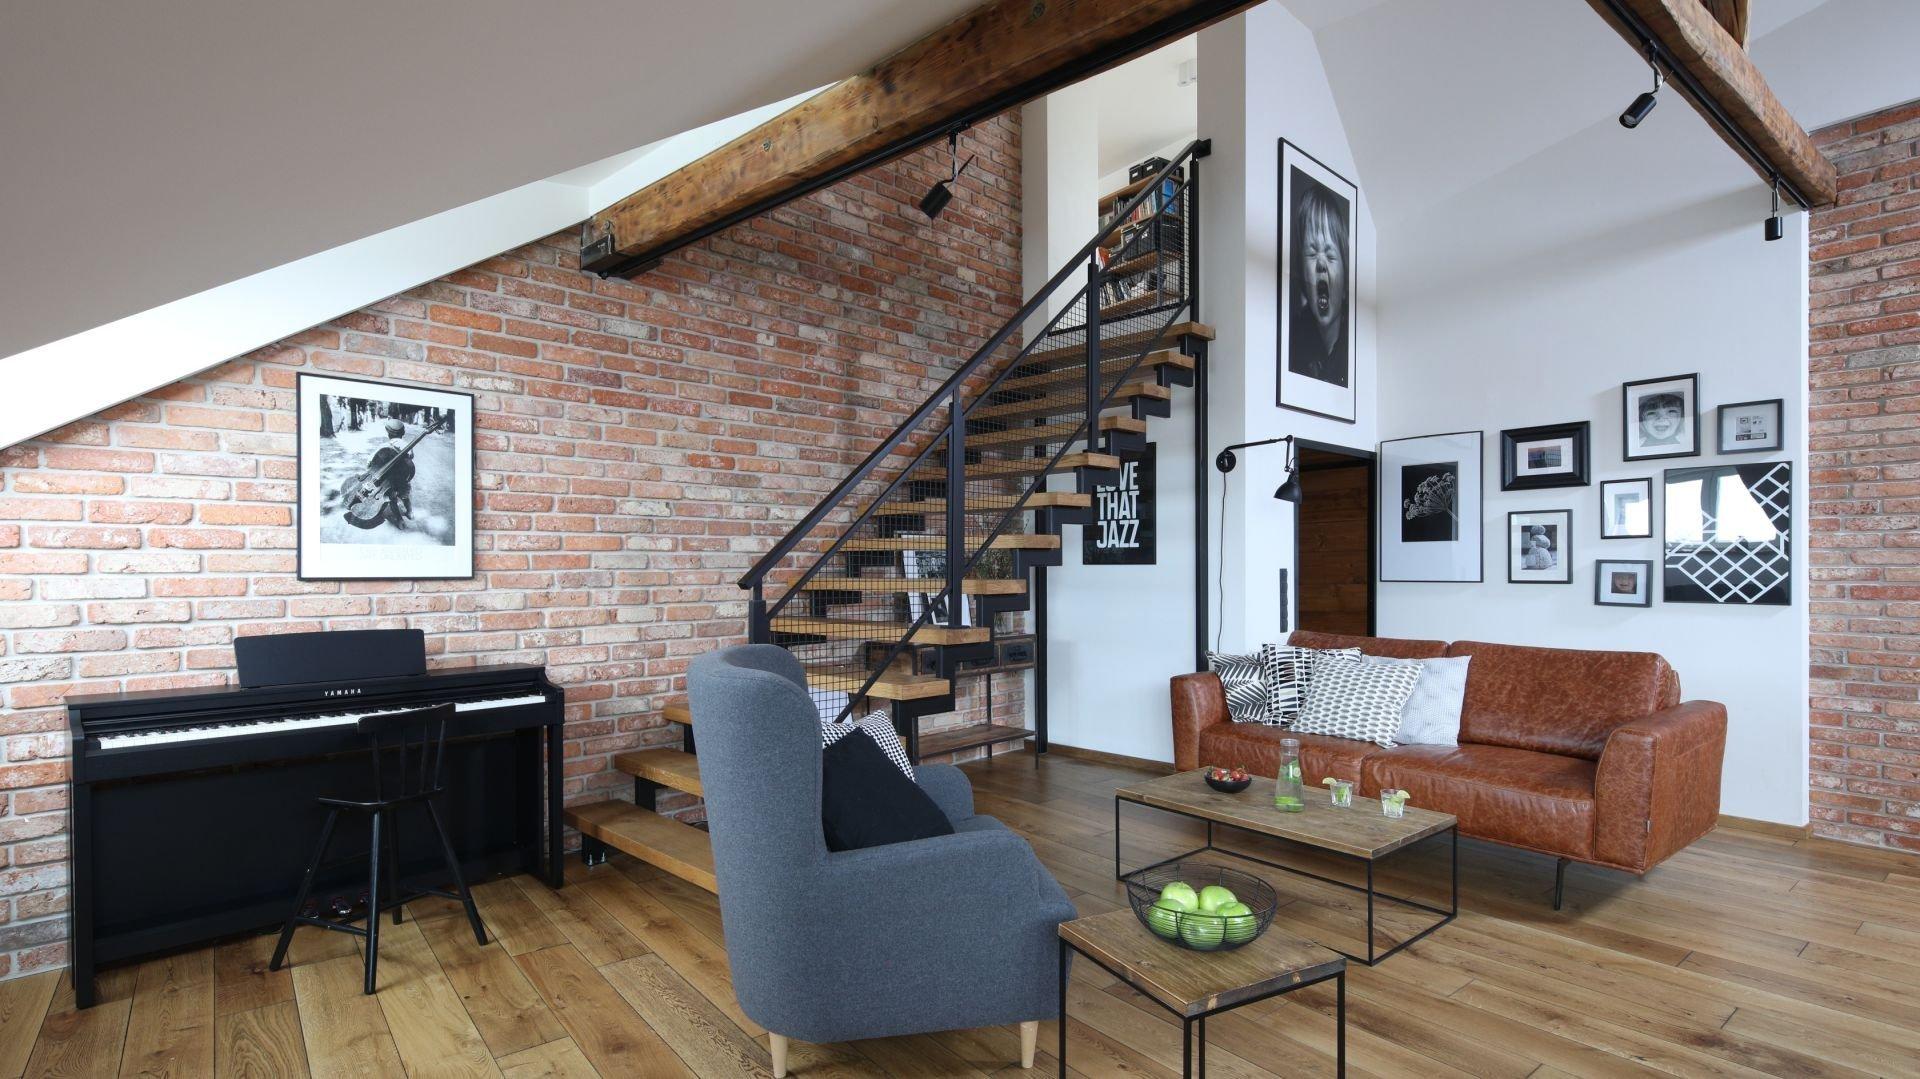 Krásný byt v historickém činžovním domě